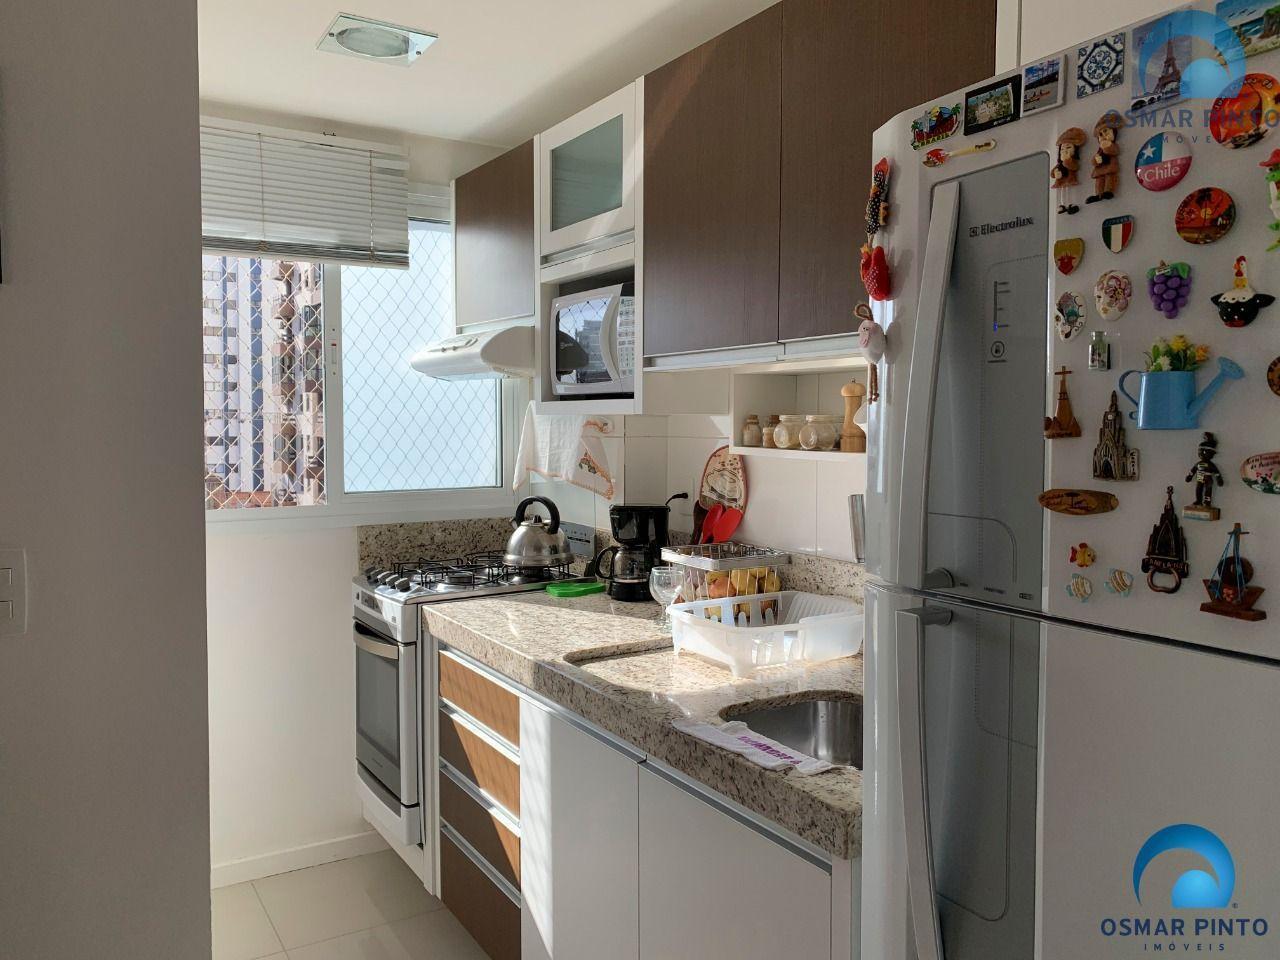 Apartamento 3 dormitórios em Torres, no bairro Centro